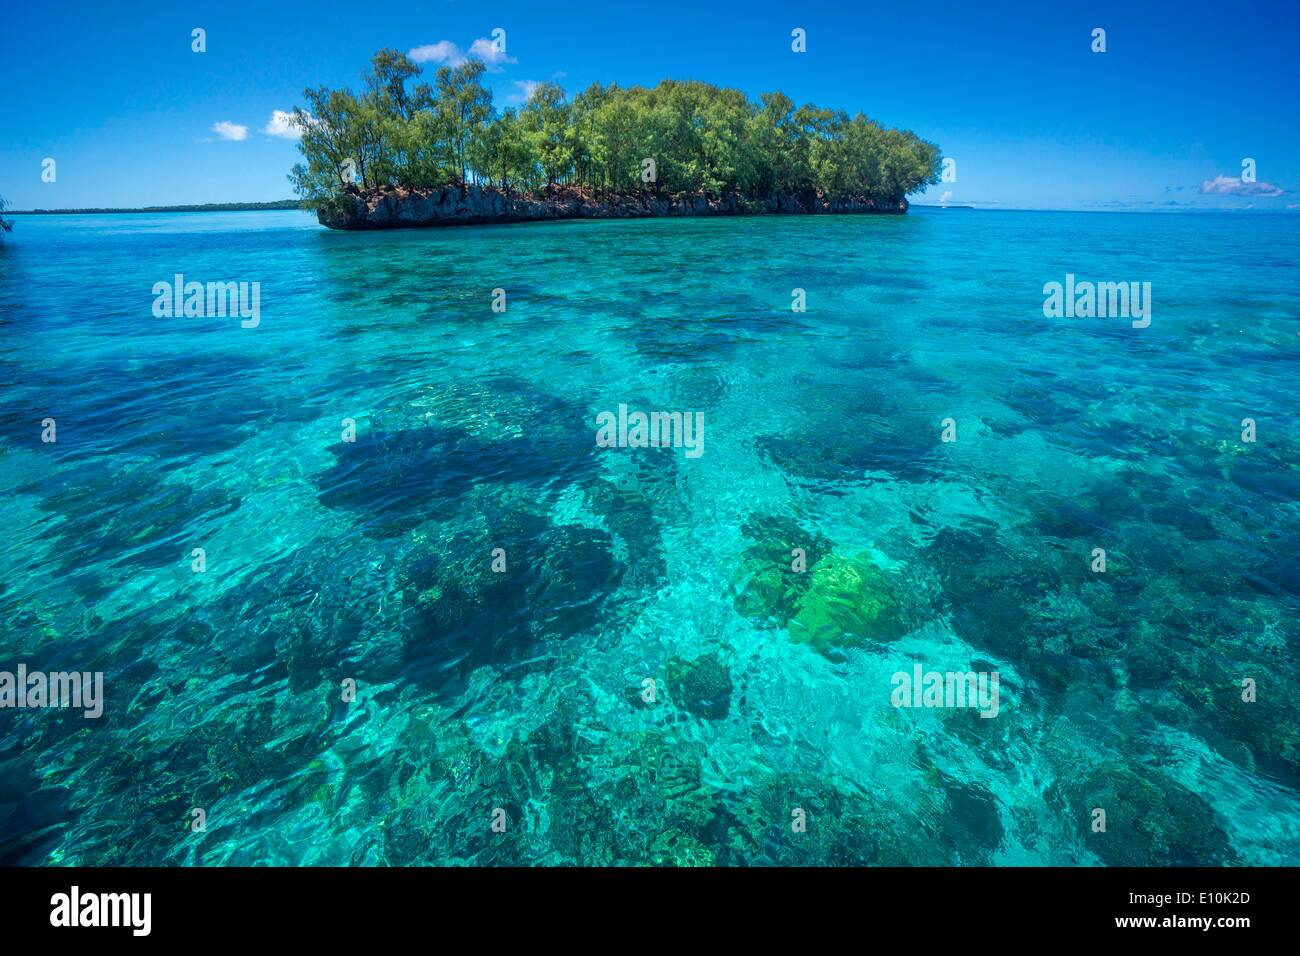 Palau Islands, Palau, Micronesia - April 2014 - Stock Image